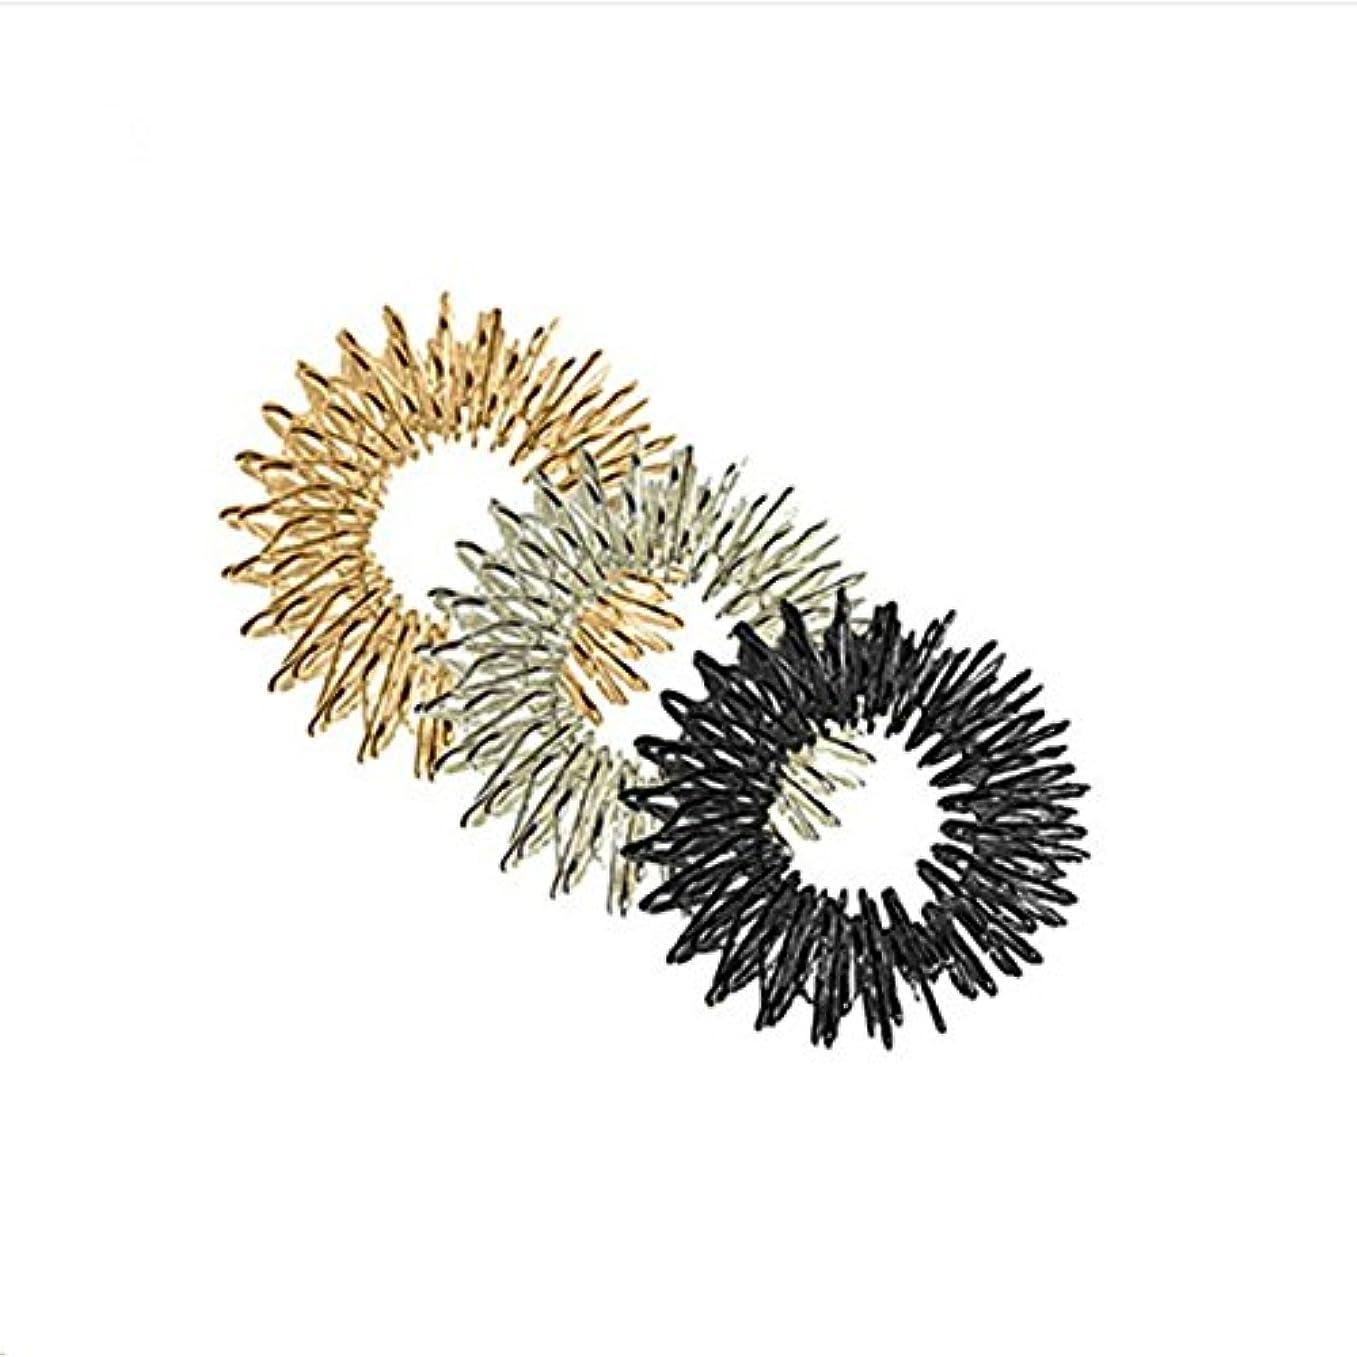 ピルファーパウダー賞賛ULTNICE マッサージリング 指圧マッサージャー 3個セット(ゴールド/シルバー/ブラック)